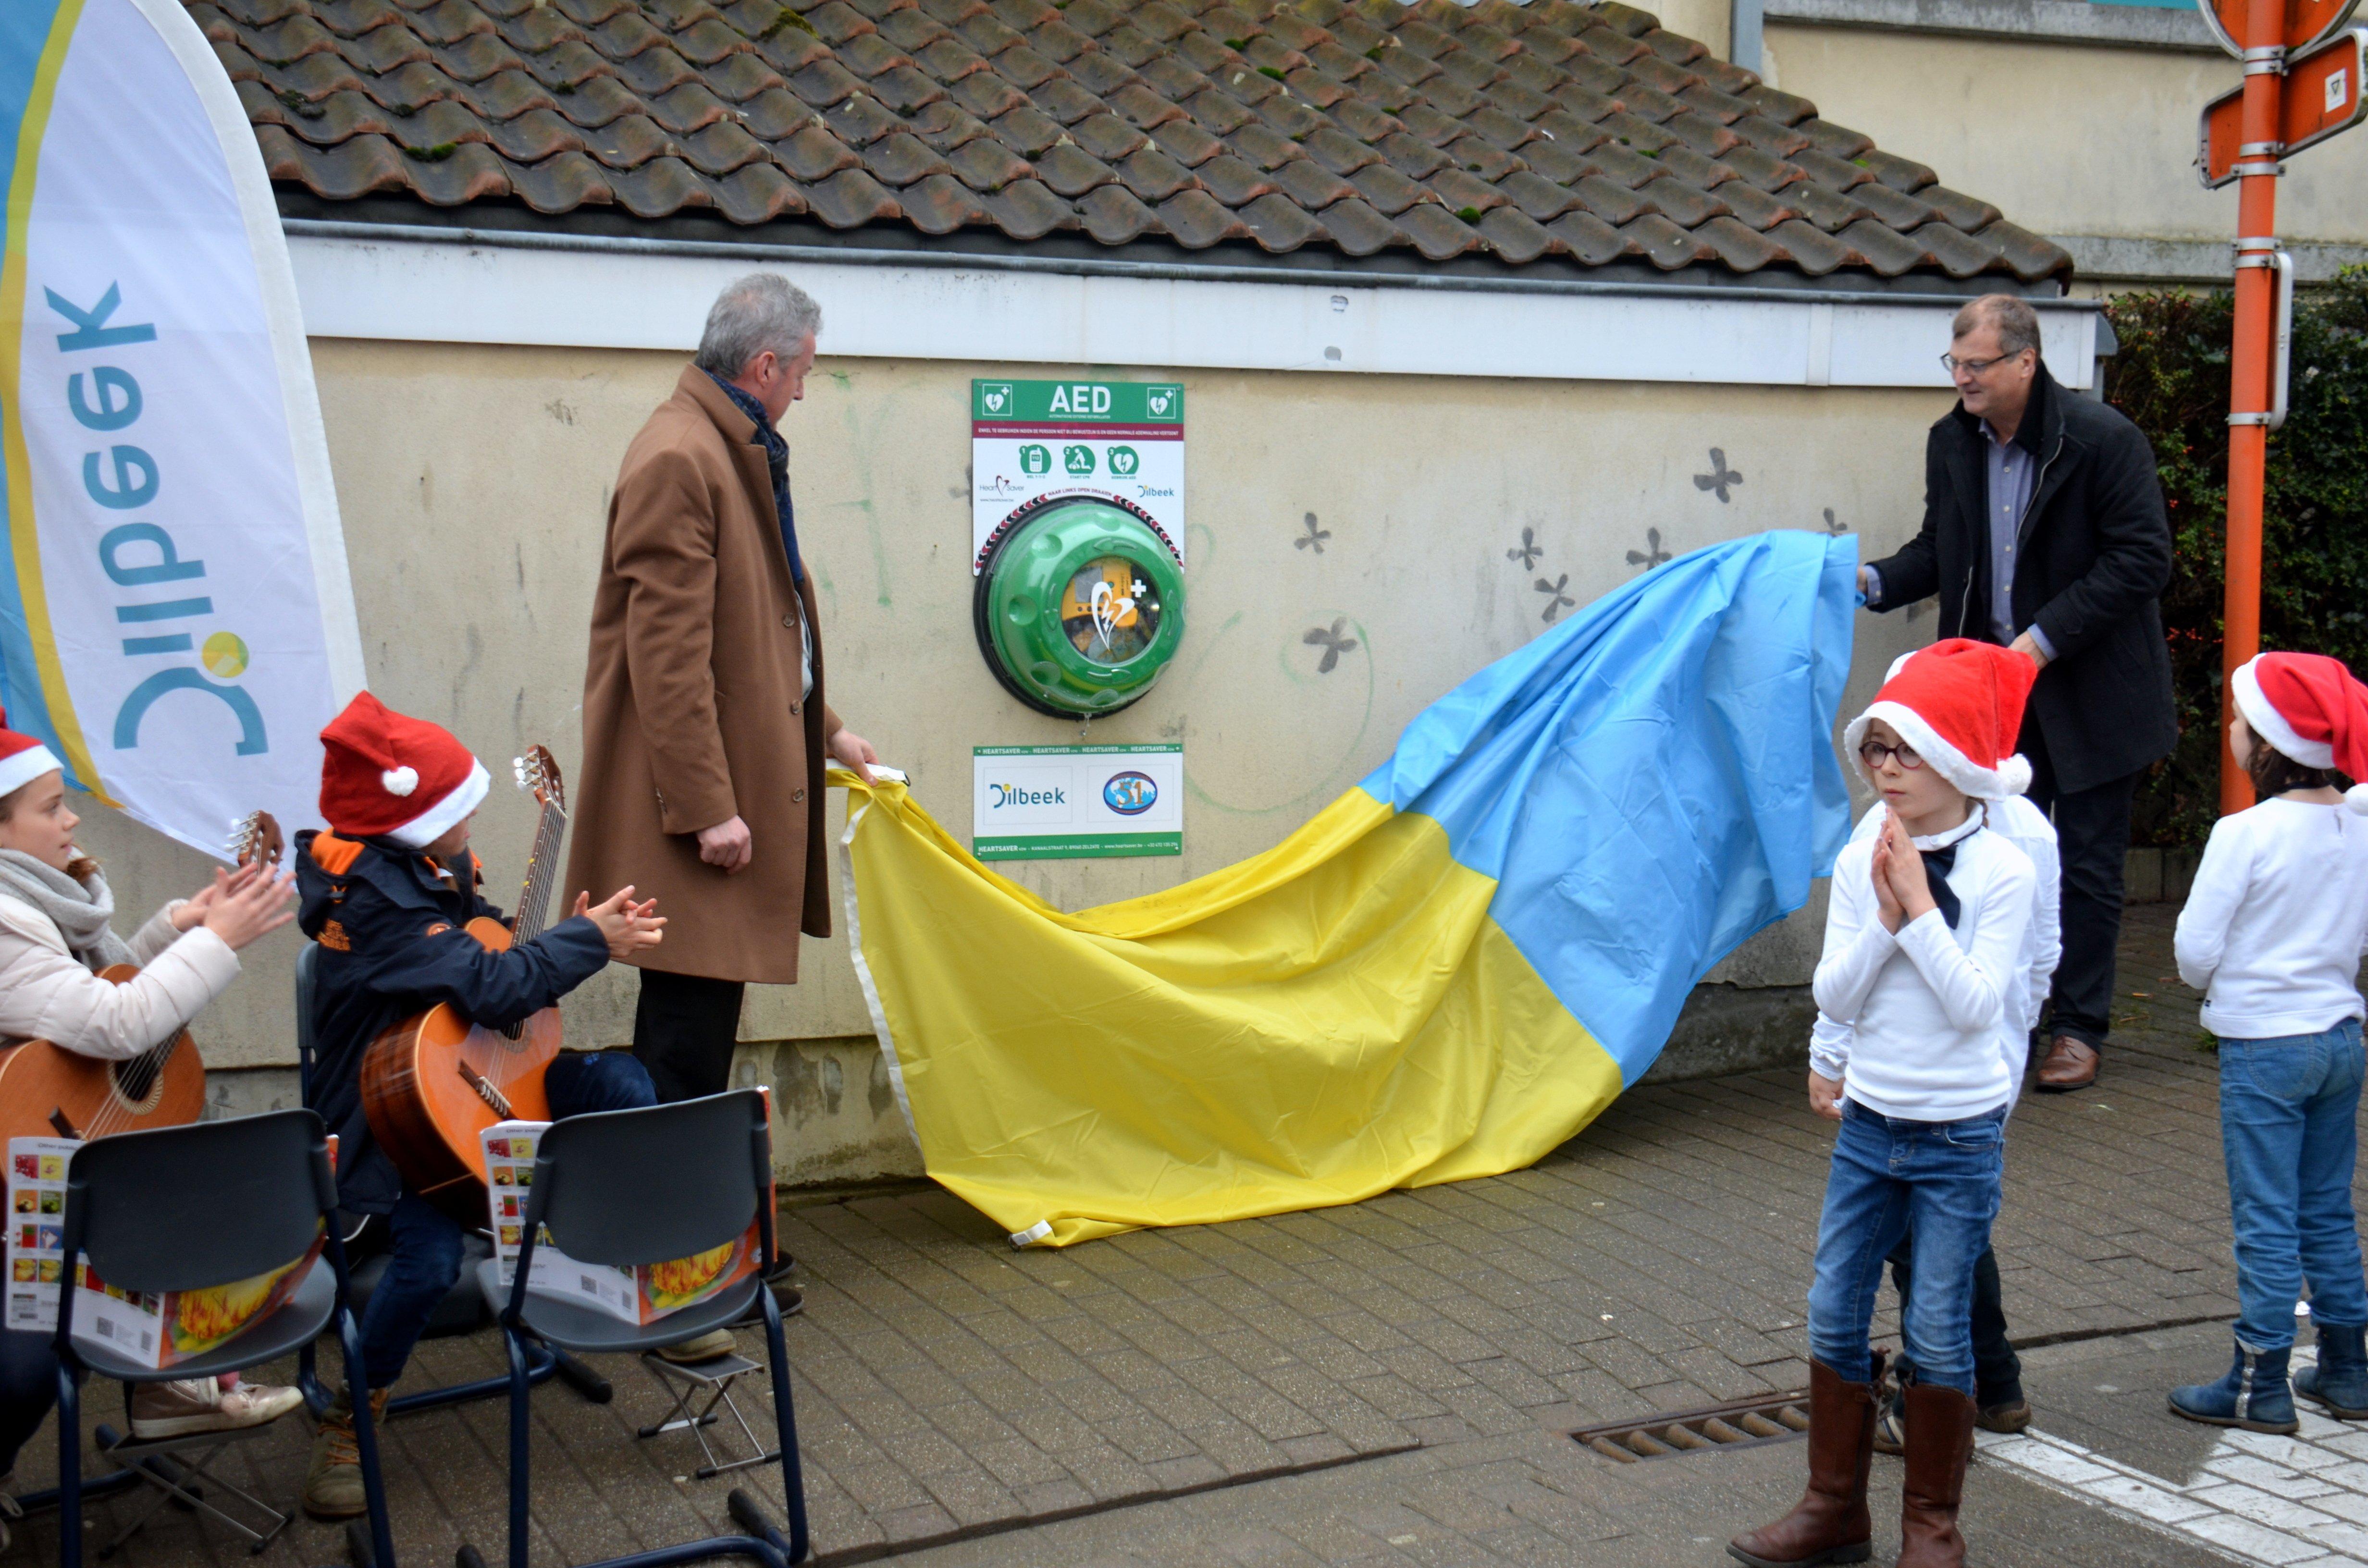 Eerste geschonken AED in Dilbeek onthuld - DSC 0856